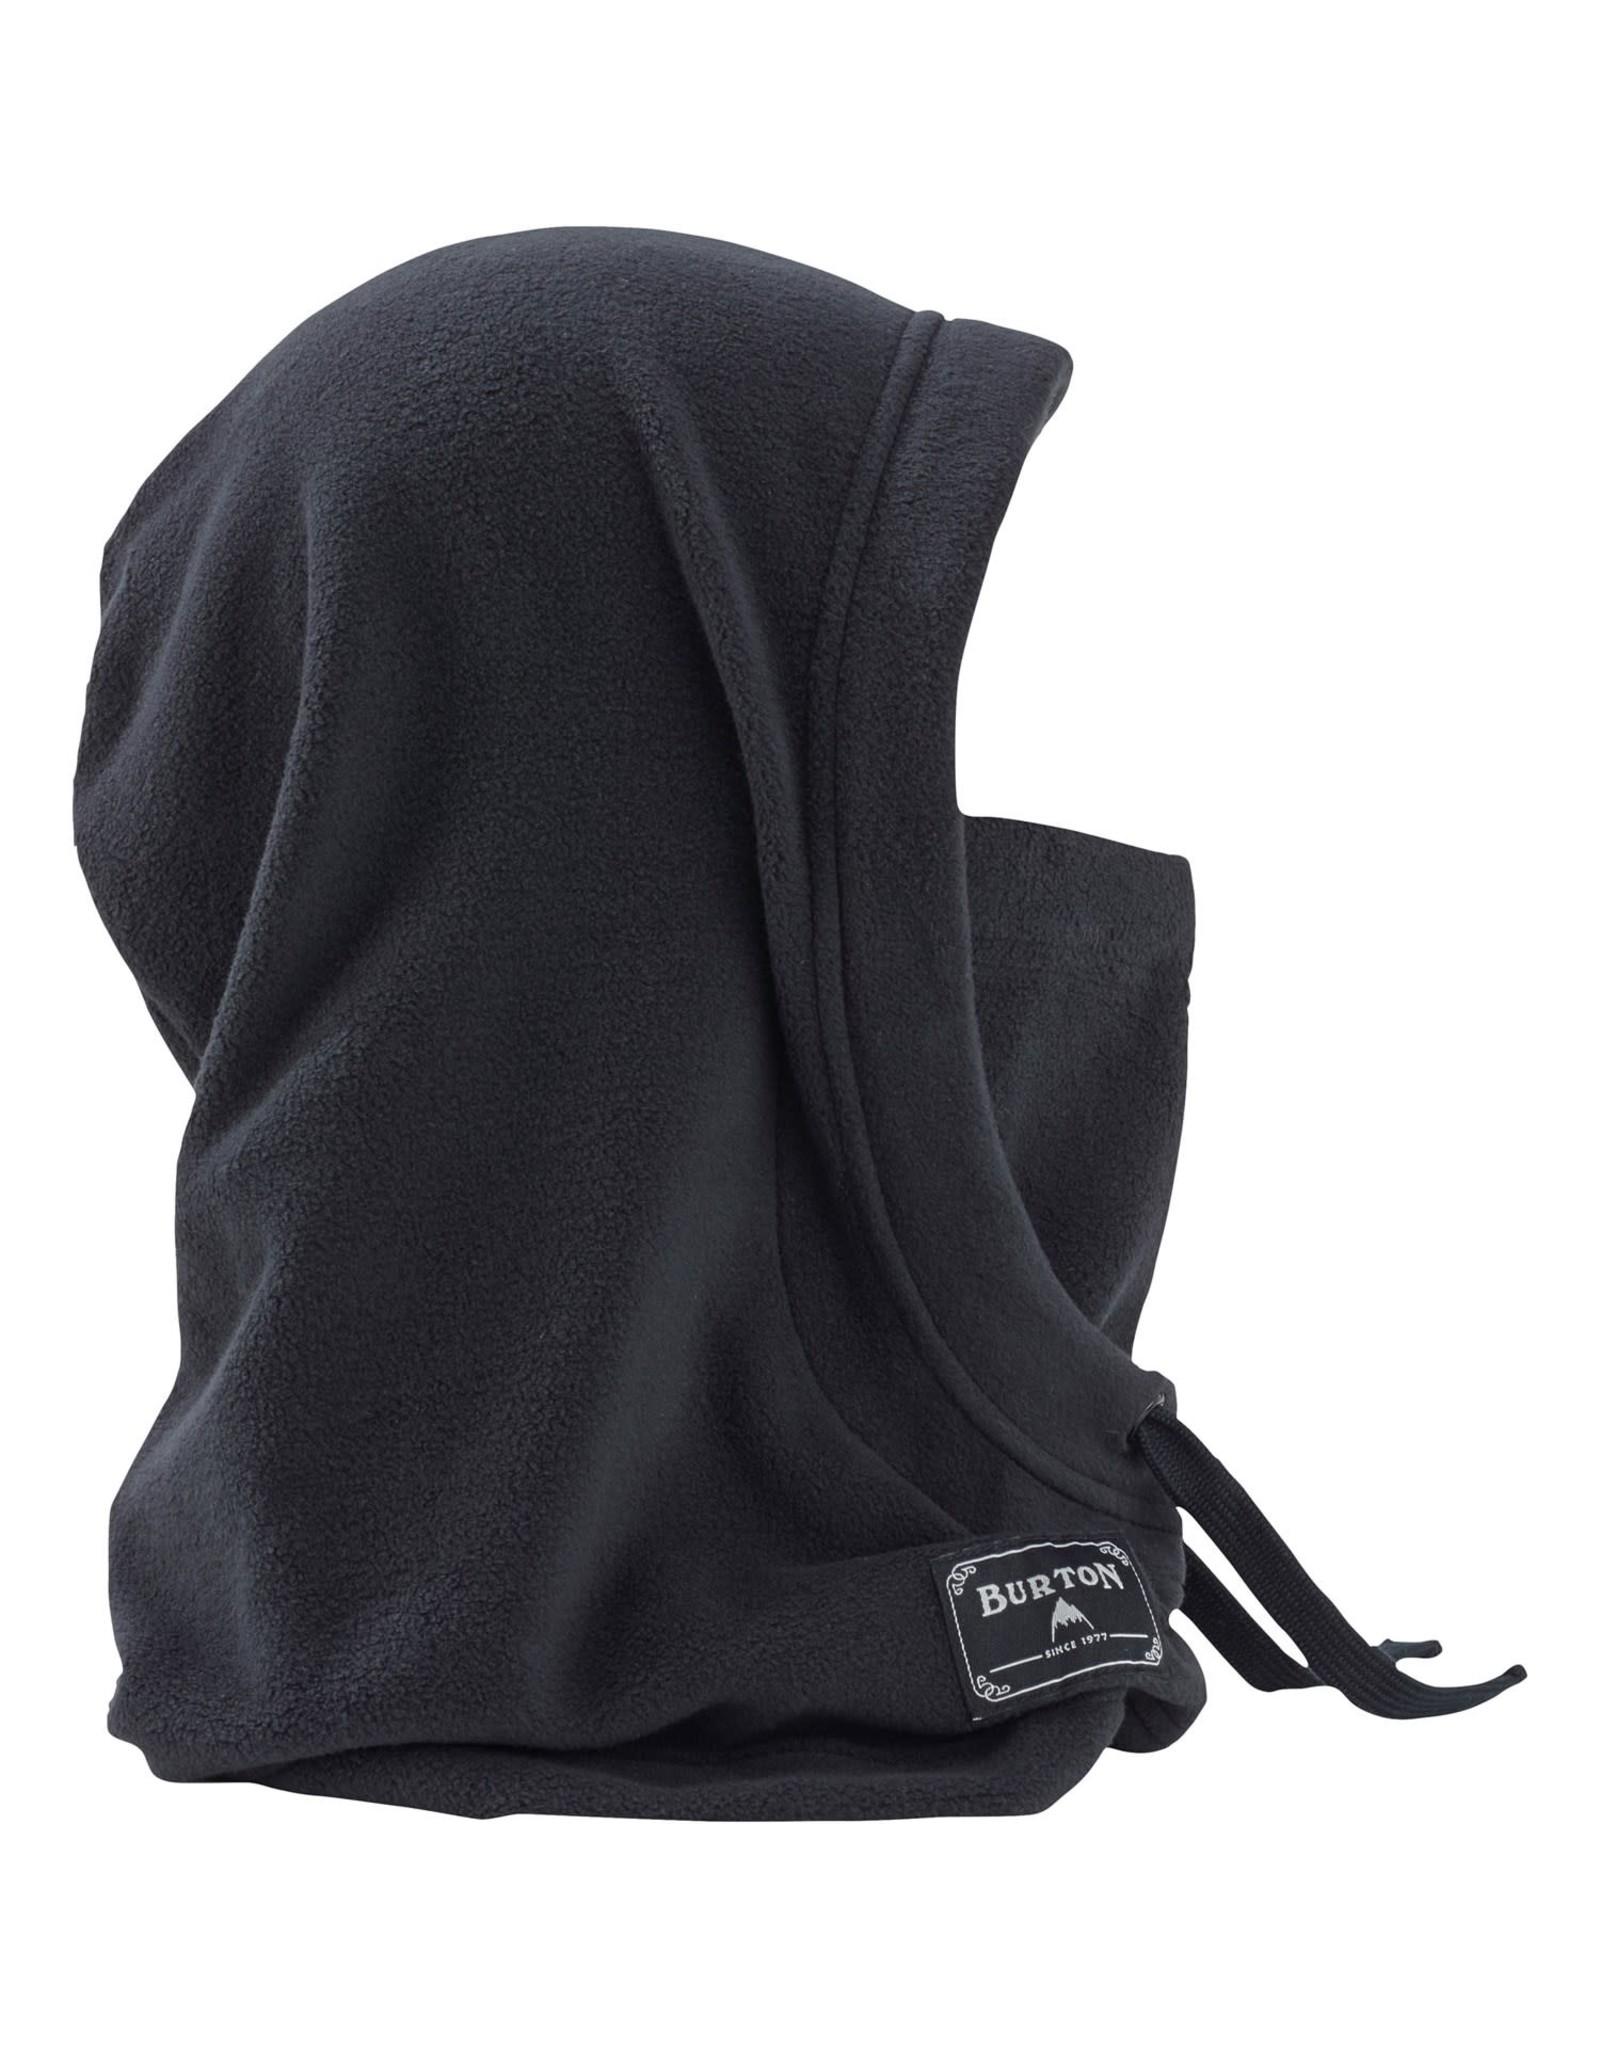 burton Burton - cagoule burke hood